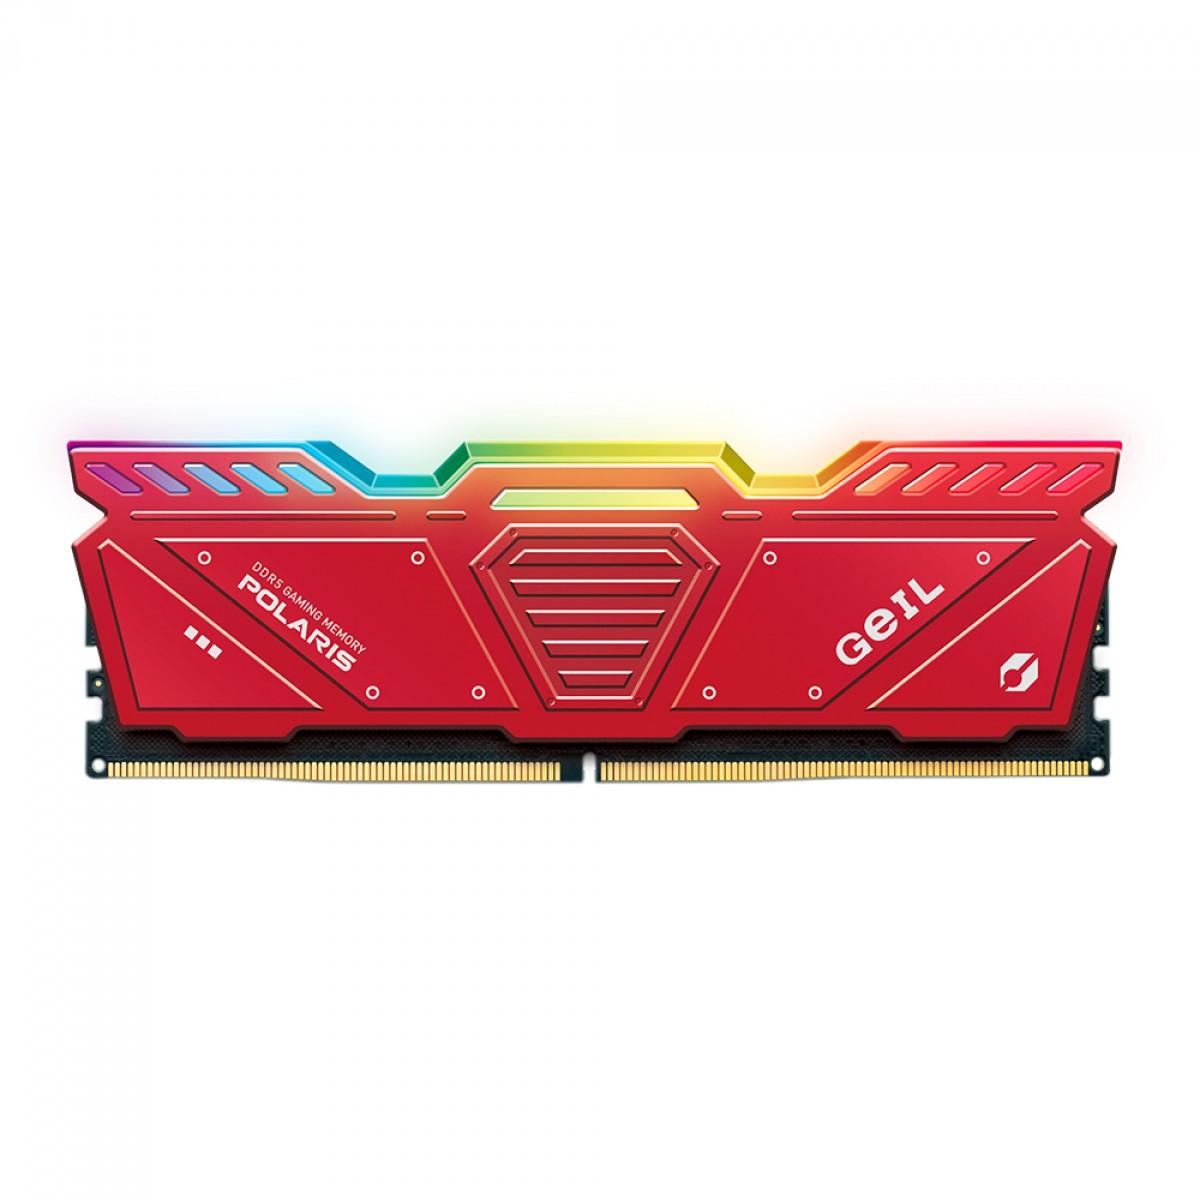 memoria-ddr5-geil-polaris-8gb-4800mhz-red-gosr58gb4800c40sc_130420